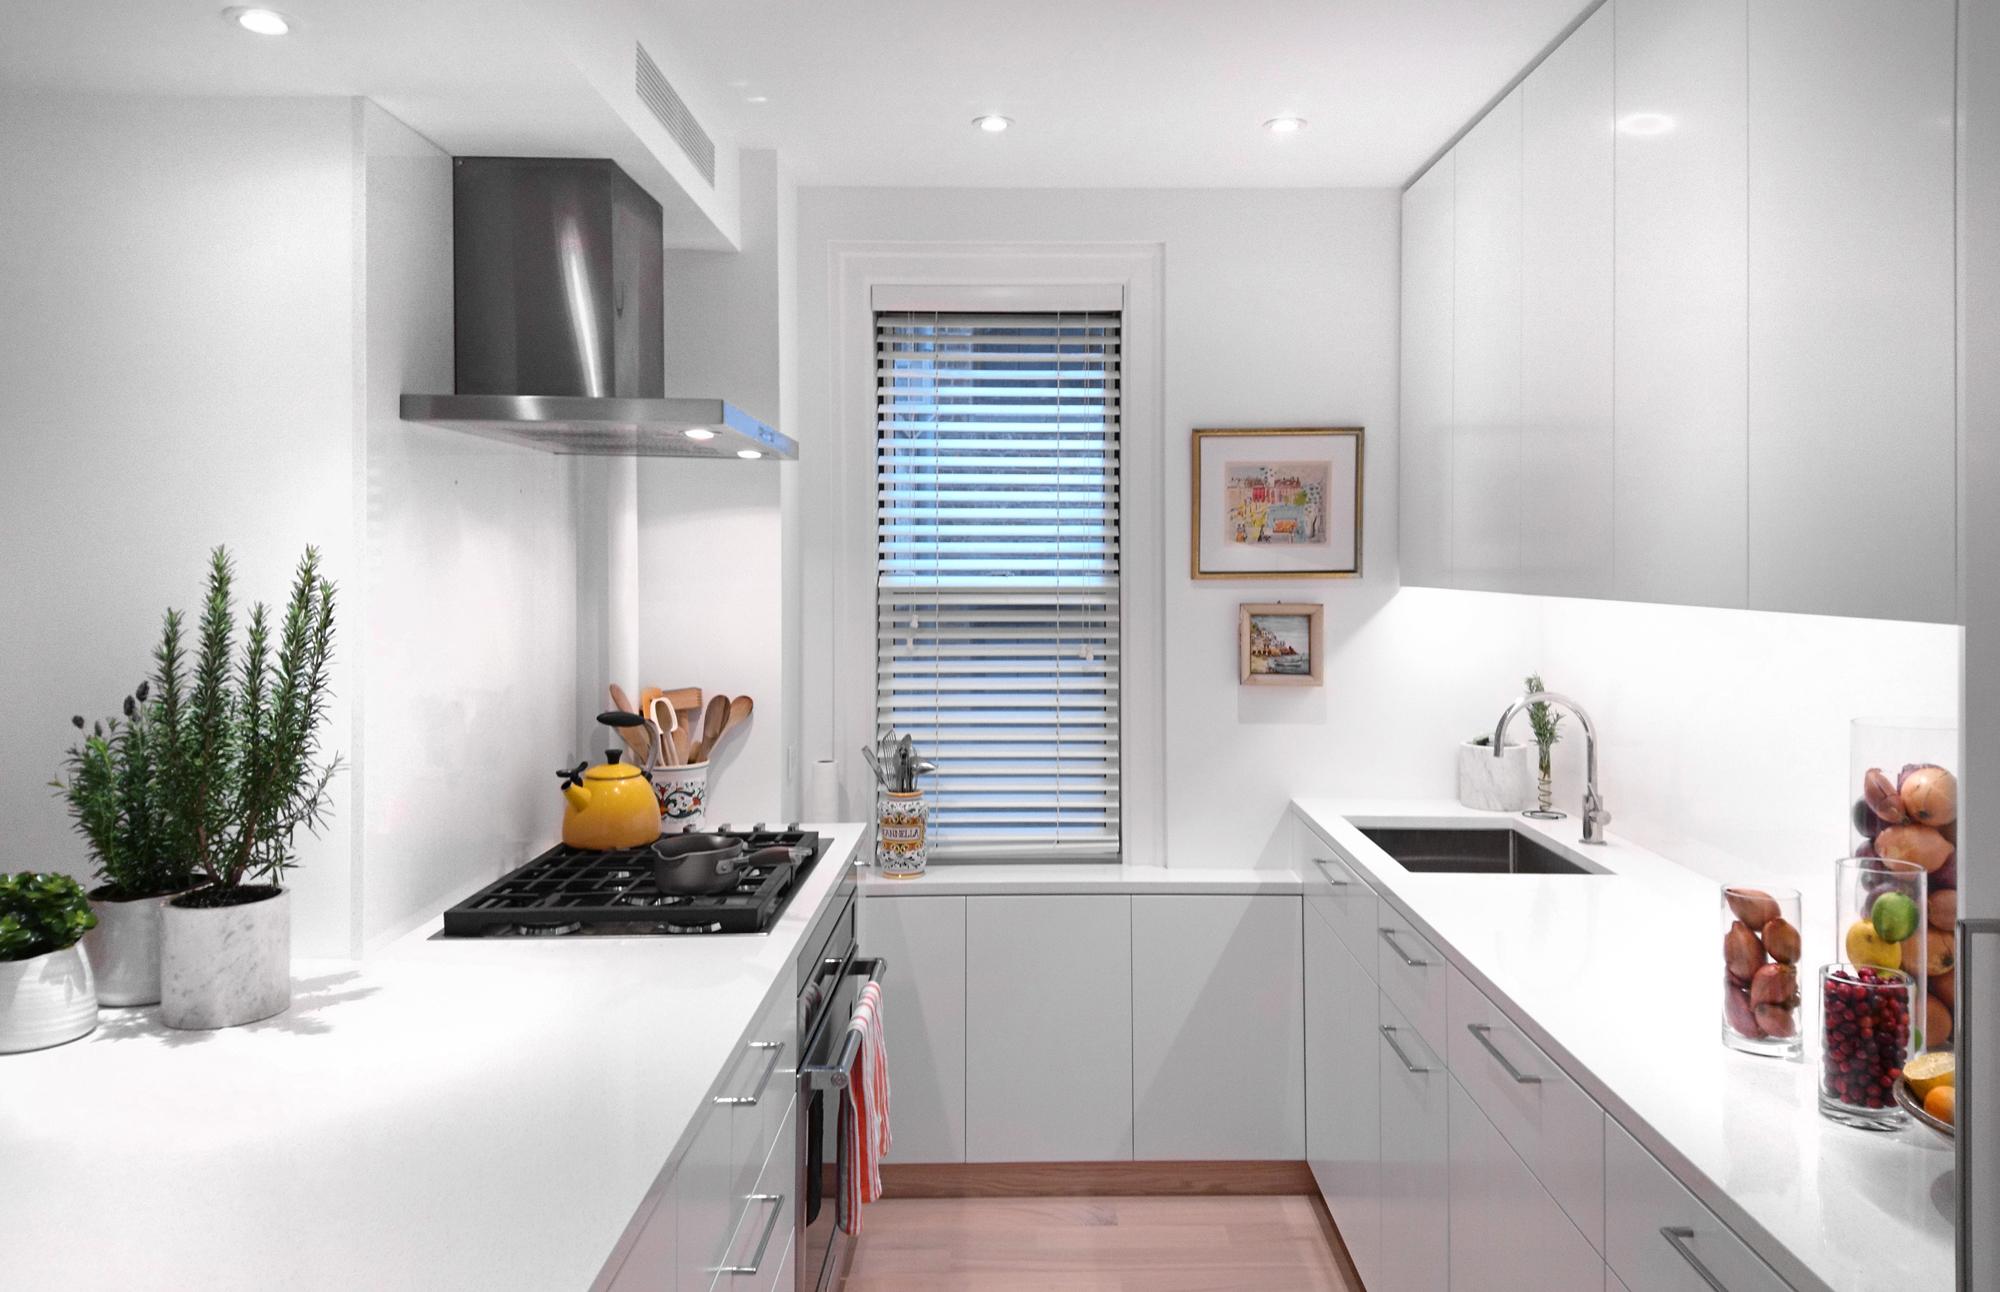 Remsen_Kitchen3.jpg